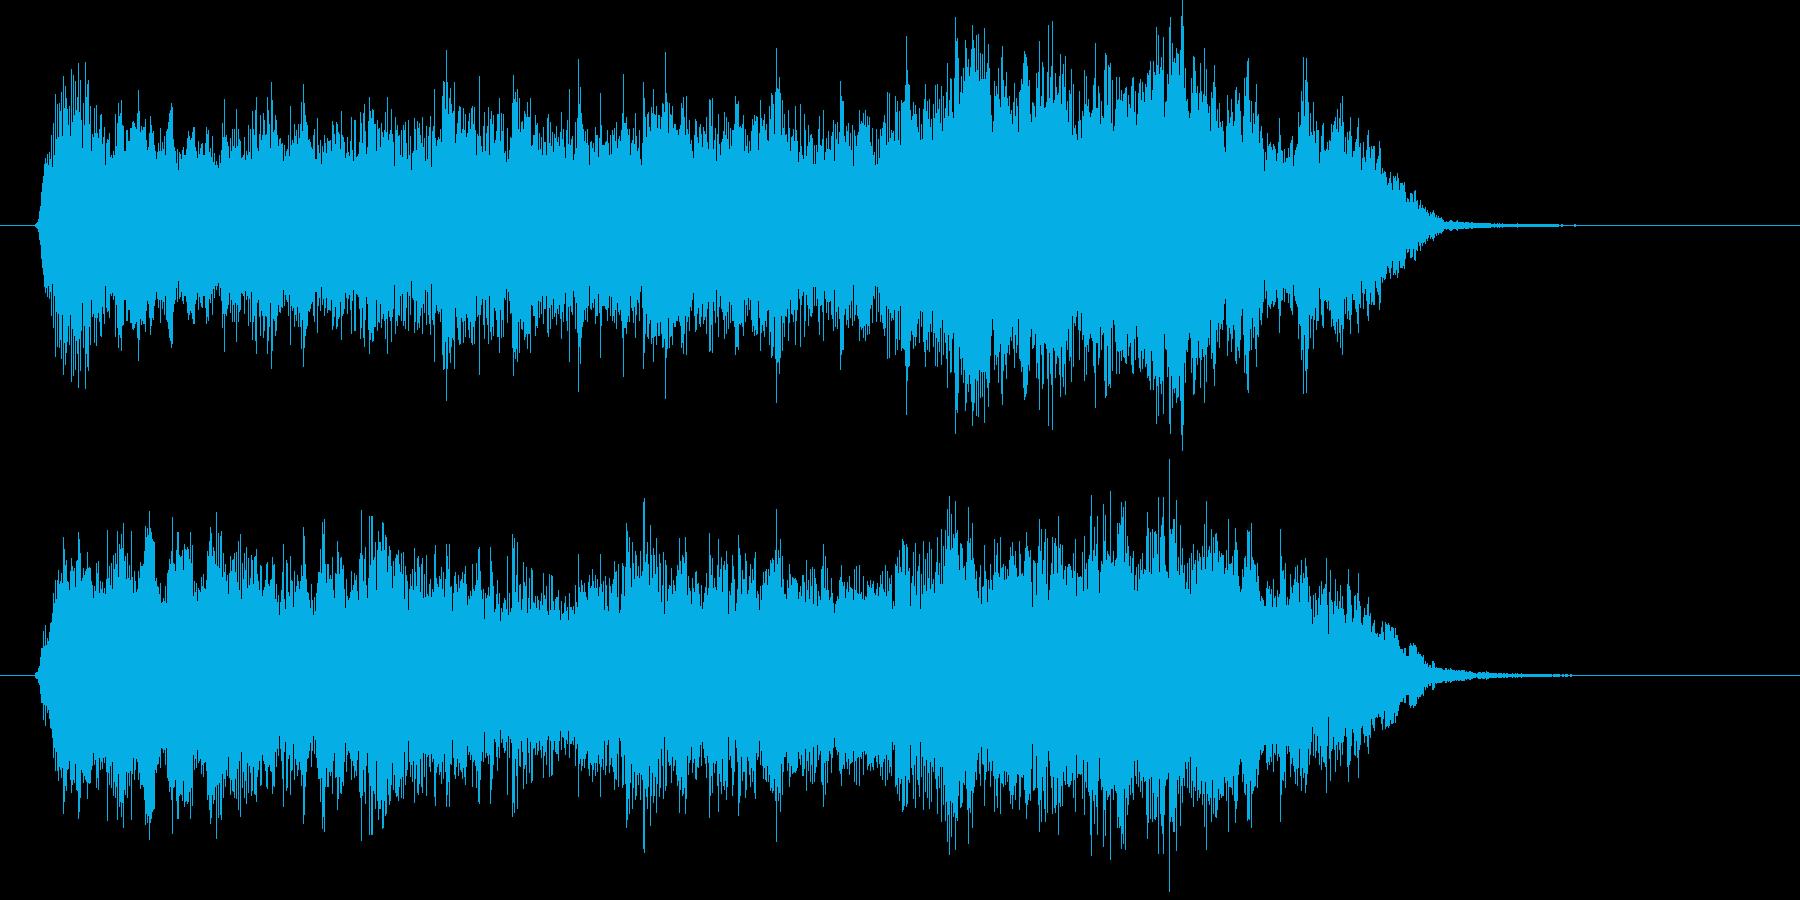 優雅で優しいクラシカルなジングルの再生済みの波形